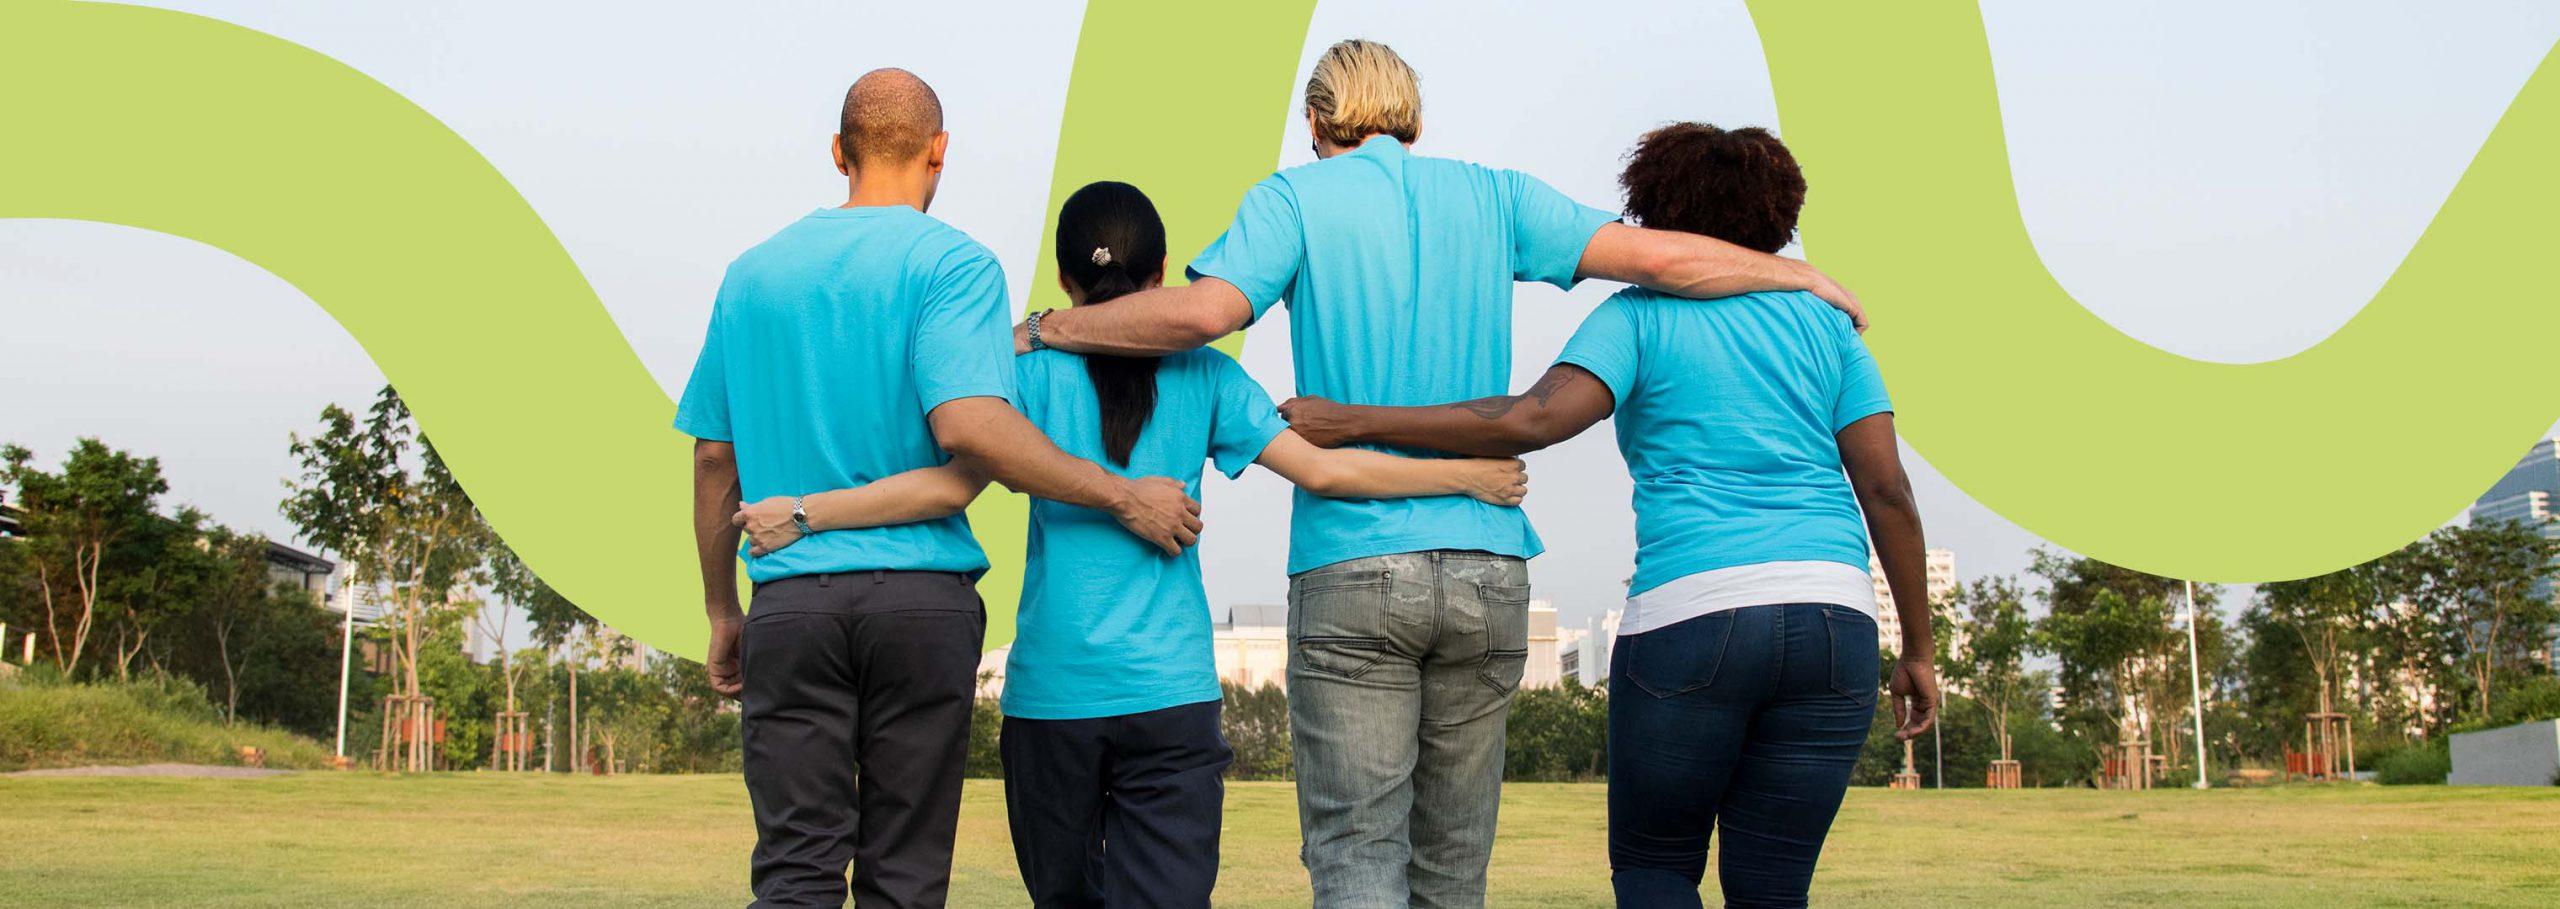 Подорожувати й творити добро. Де шукати волонтерства за кордоном та в Україні